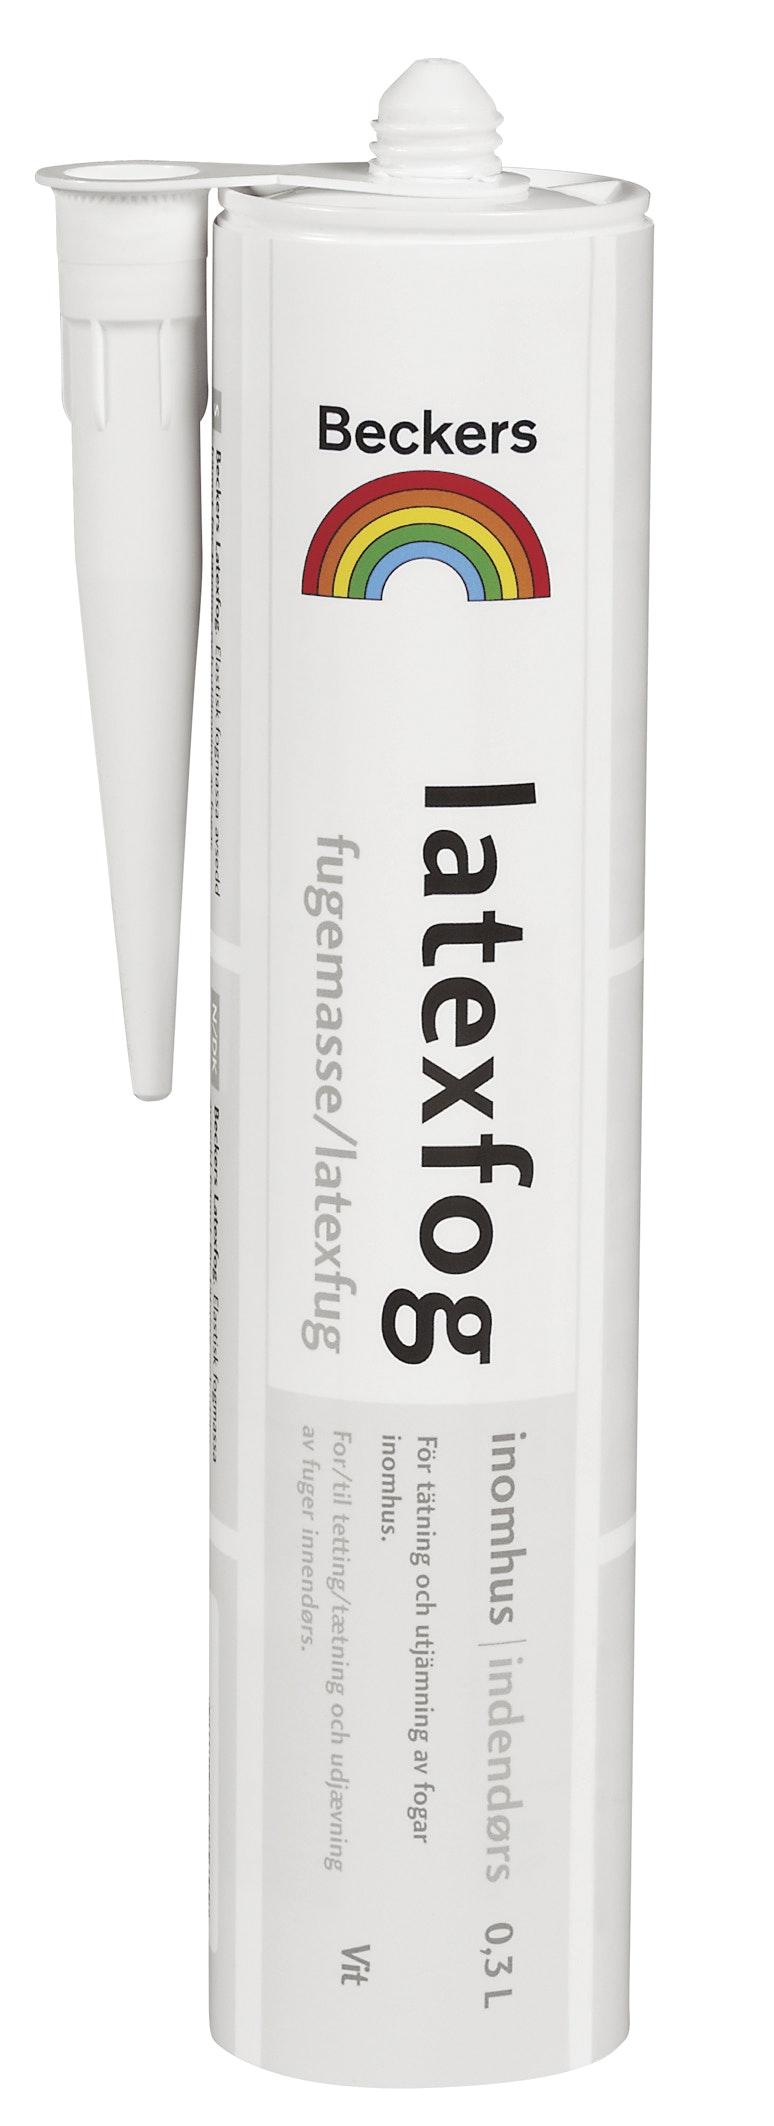 Latexfog Beckers Vit 0,3L